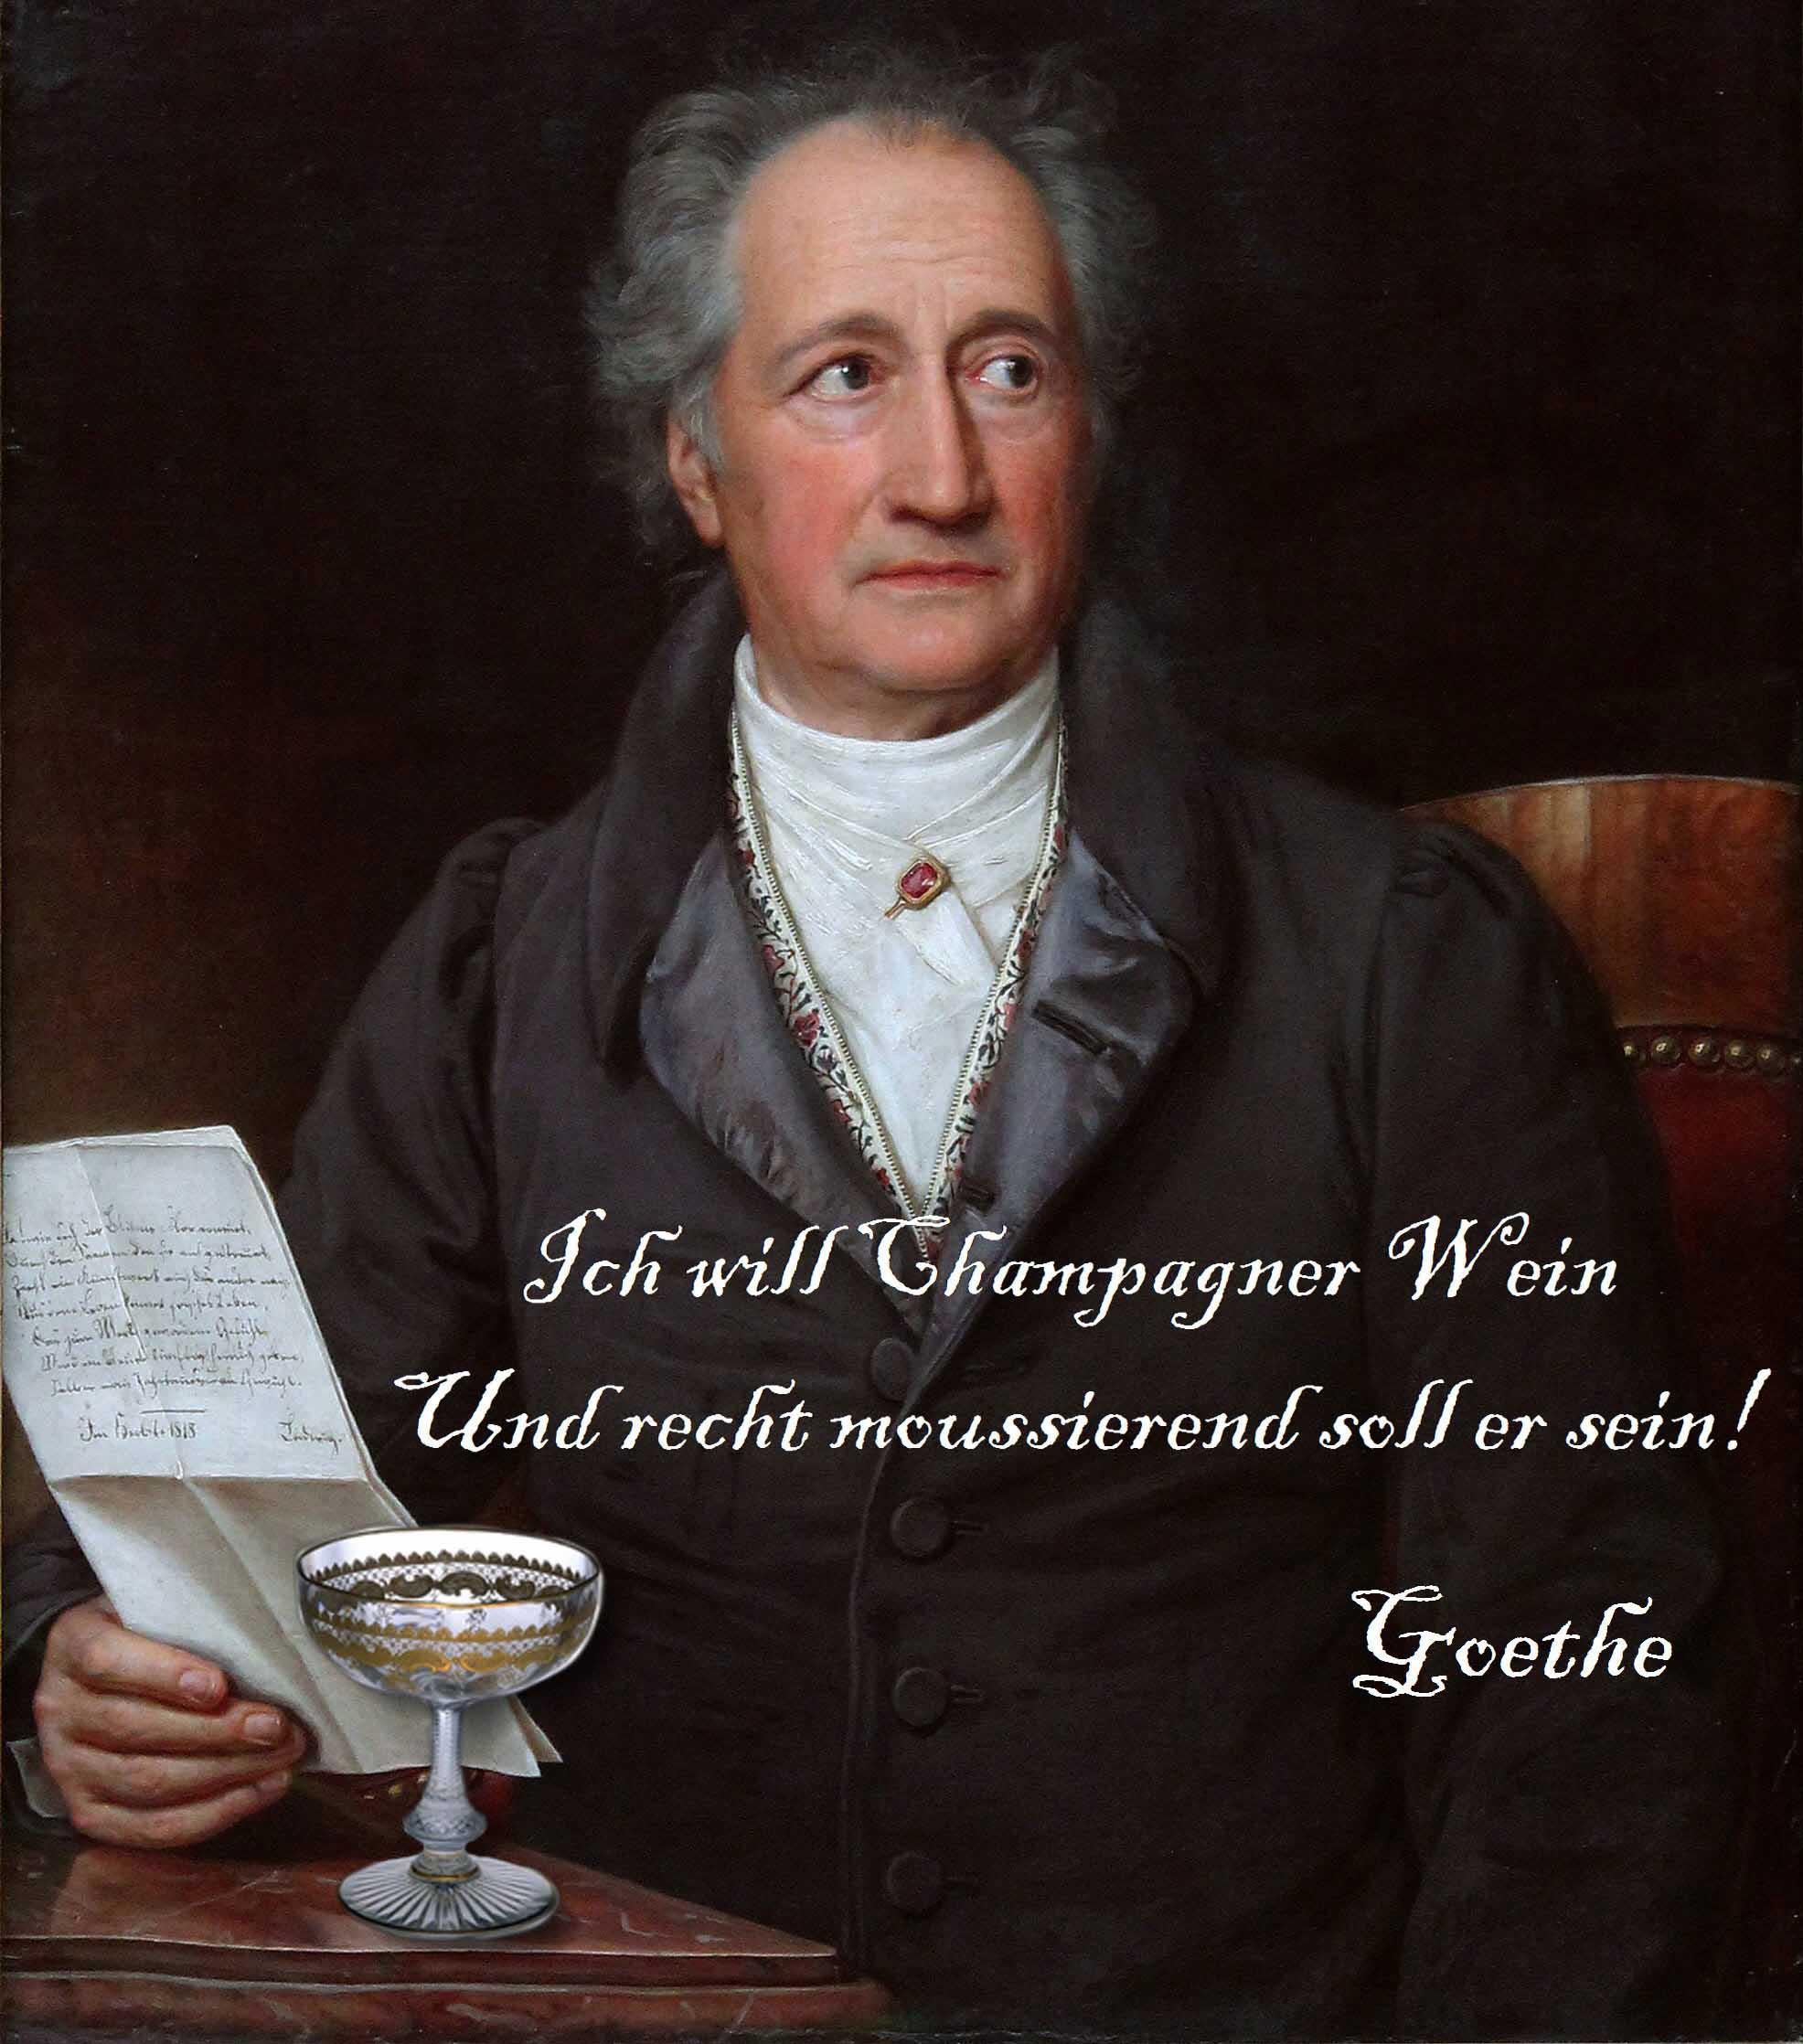 Goethe-und-Champagner